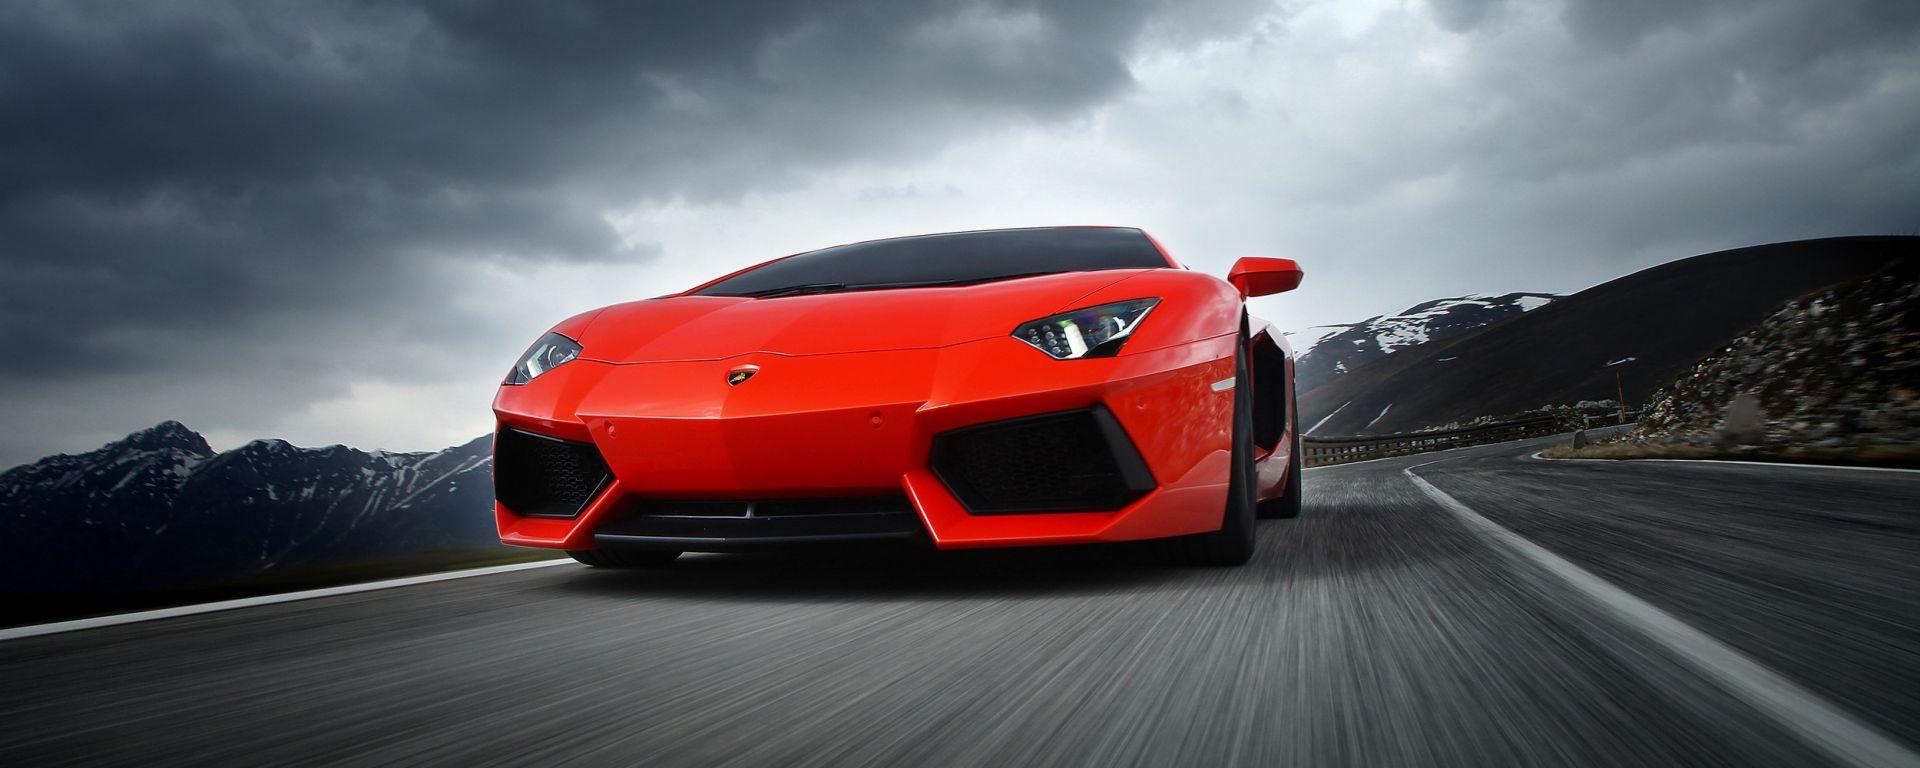 Tutti i pezzi della Lamborghini Aventador LP700-4